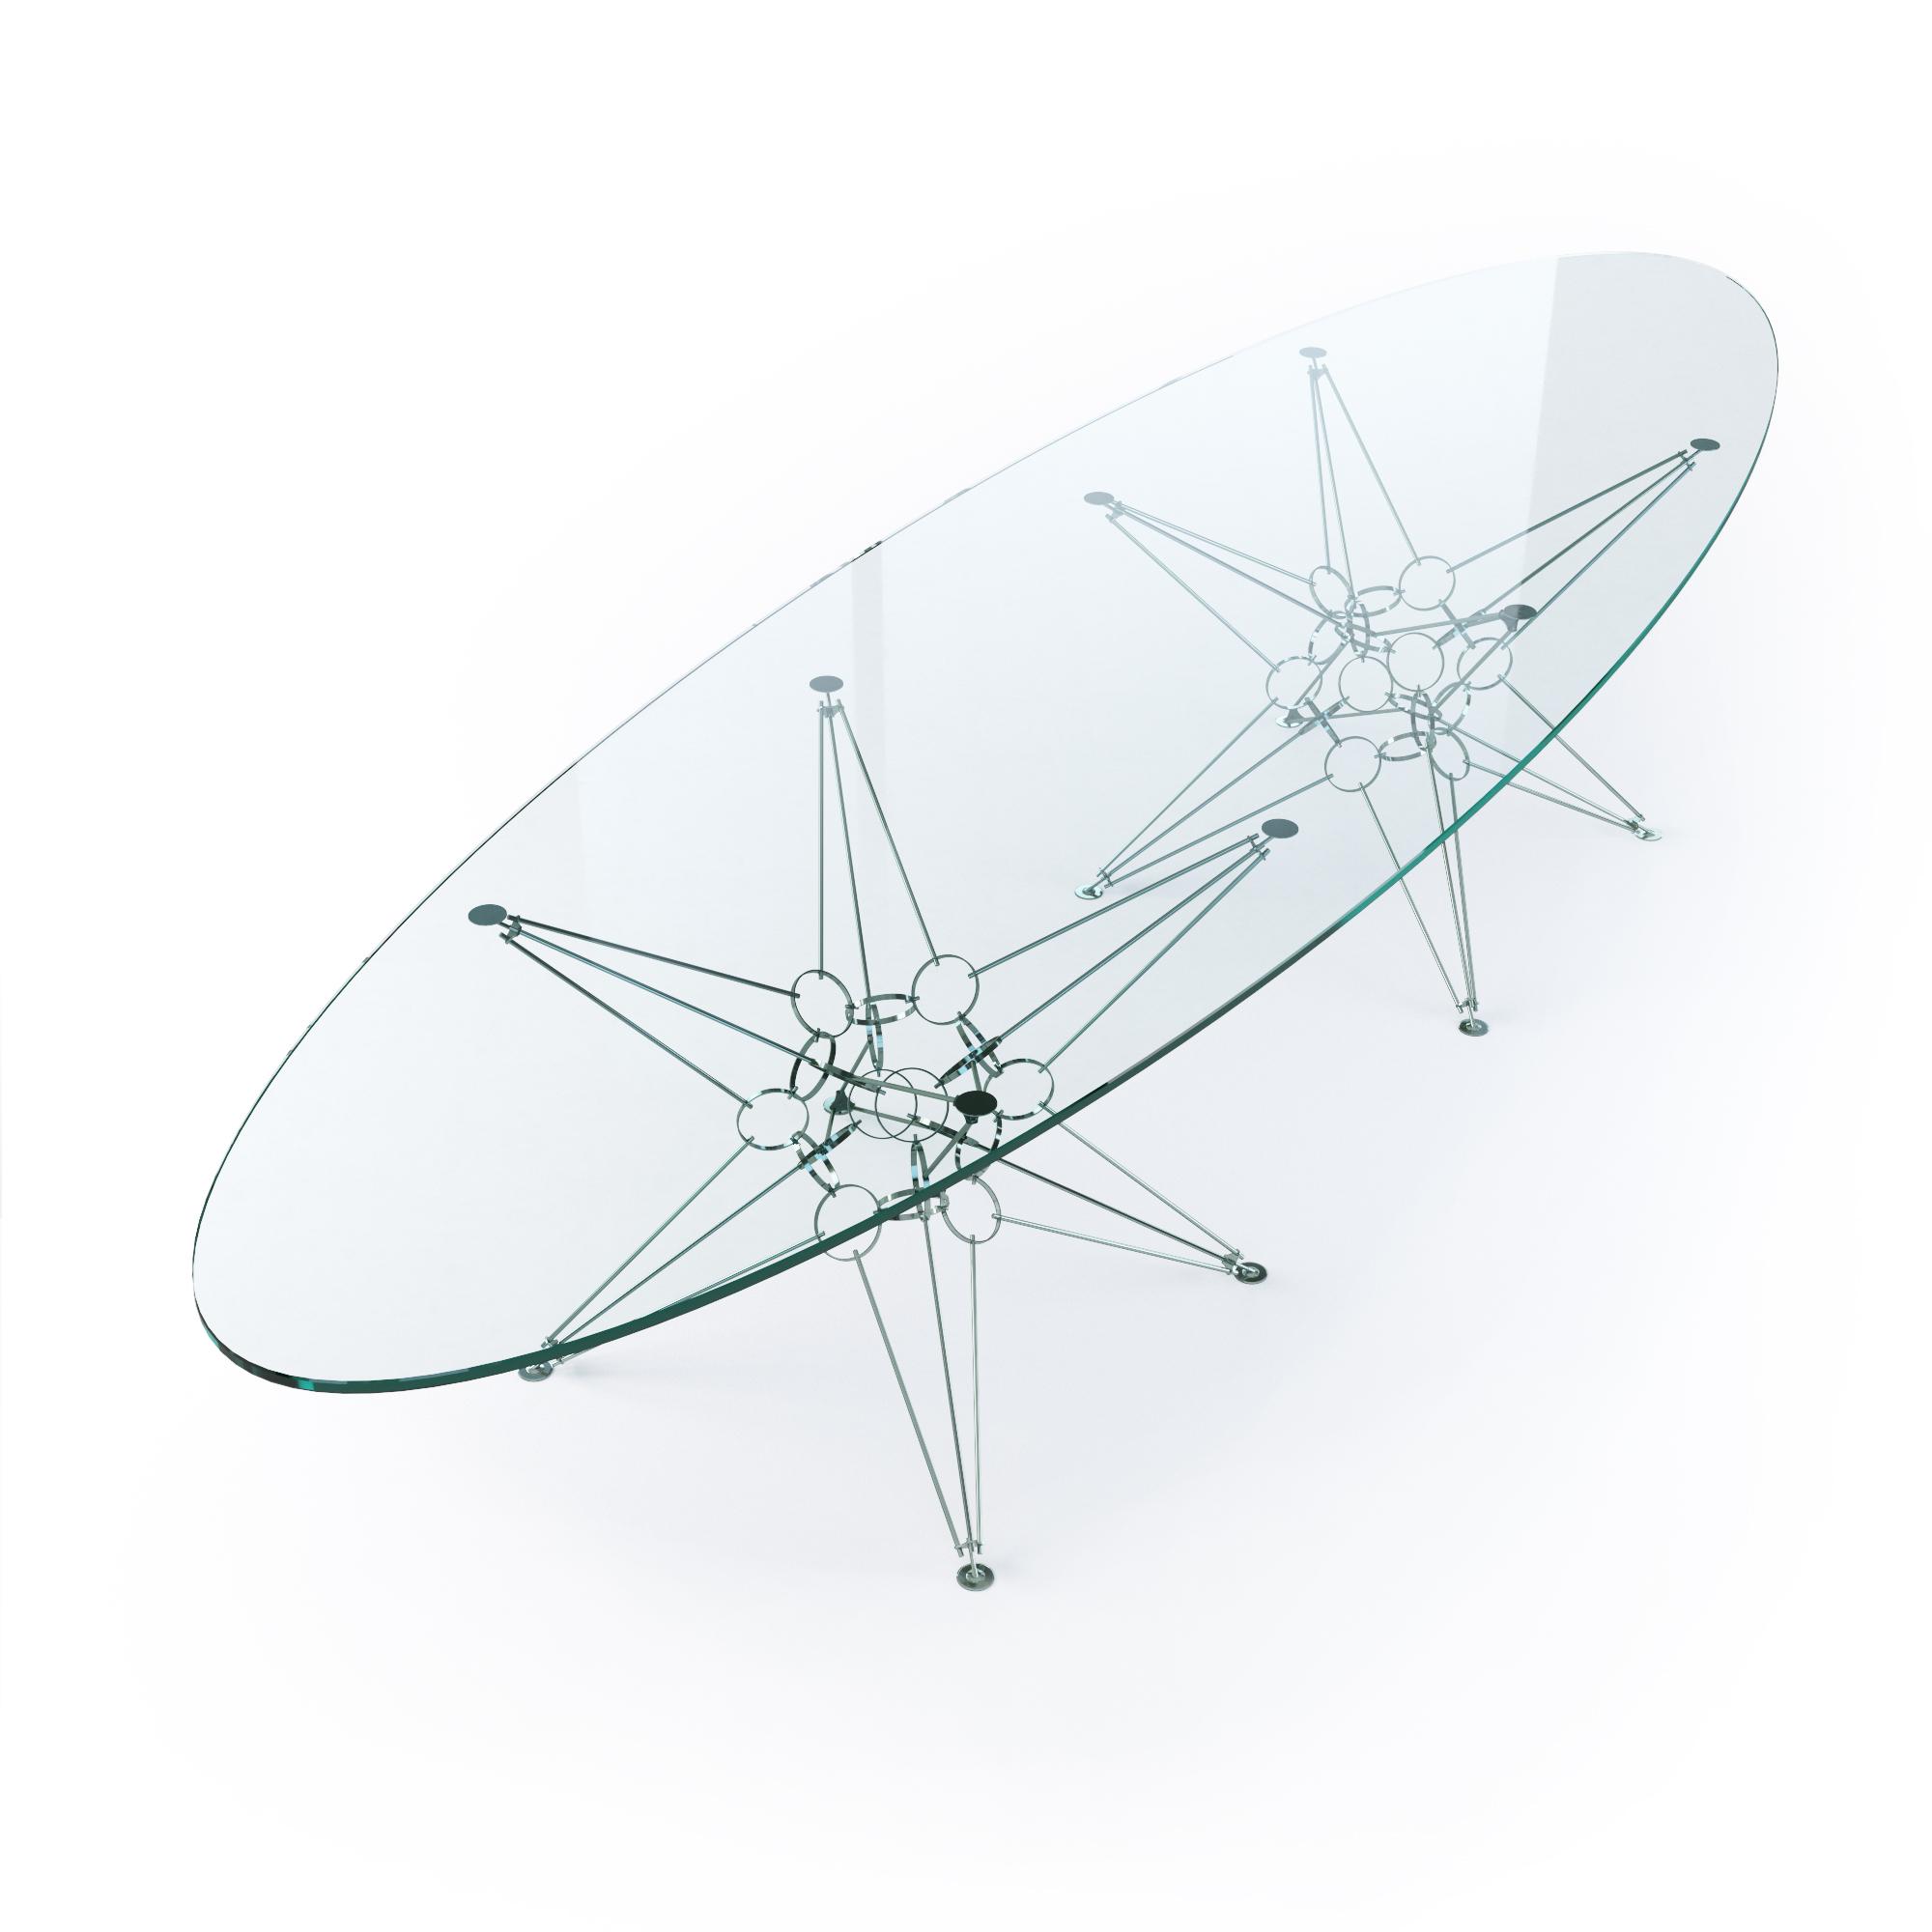 Стол TORPEDOОбеденные столы<br>&amp;lt;div&amp;gt;Материал столешницы: стекло закаленное, толщина 12 мм, Optiwhite.&amp;lt;div&amp;gt;Материал основания: хромированная сталь.&amp;lt;/div&amp;gt;&amp;lt;/div&amp;gt;&amp;lt;div&amp;gt;&amp;lt;/div&amp;gt;<br><br>Material: Металл<br>Ширина см: 294<br>Высота см: 72<br>Глубина см: 107